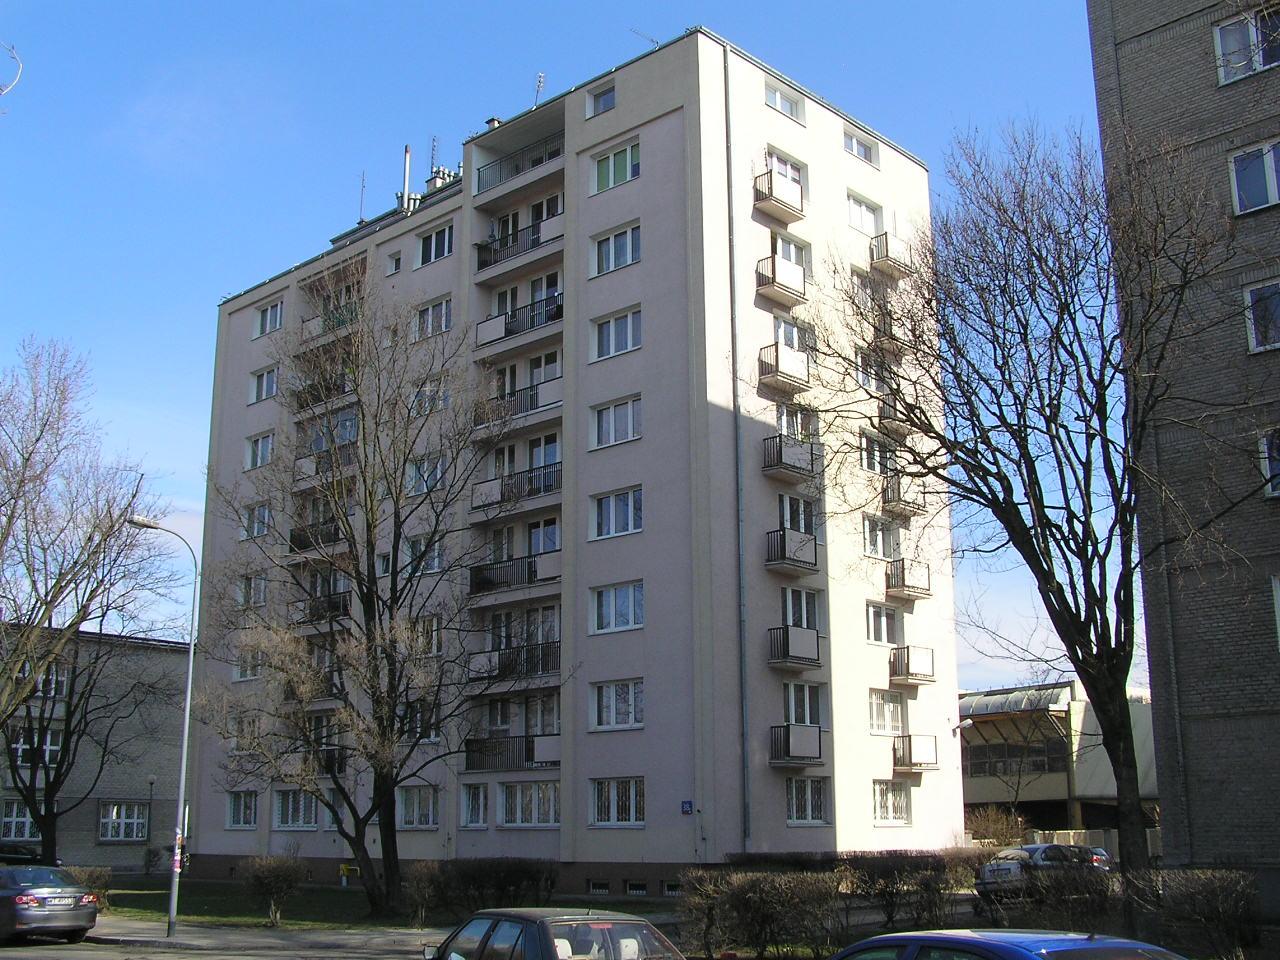 Budynek przy ulicy Siennickiej 38A na Grochowie